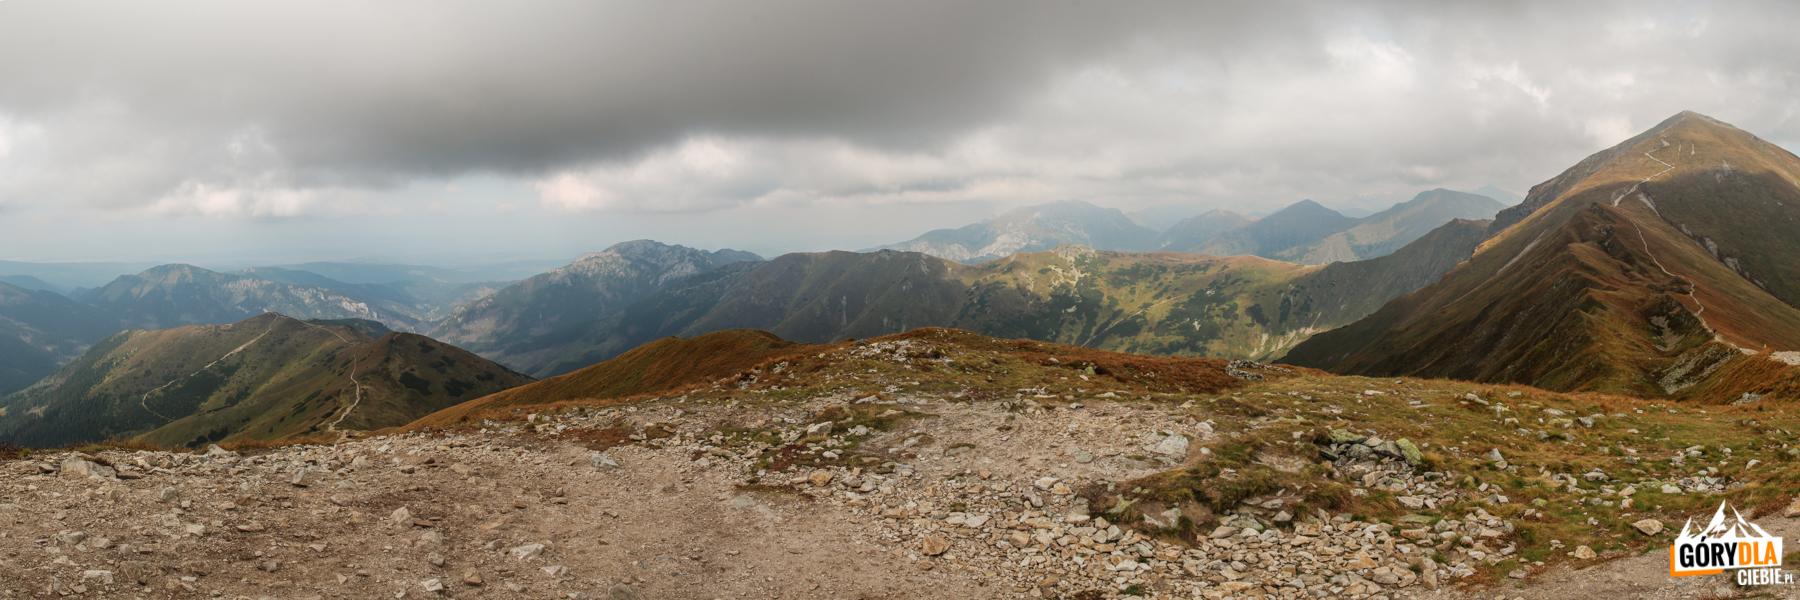 Widok zKończystego Wierchu (2002 m): odlewej Trzydniowiański Wierch (1785 m), Kominiarski Wierch (1829 m), Ornak (1854 m), Siwa Przełęcz (1812 m) iStarorobociański Wierch (2175 m) naoStarorobociańska Przełęcz (słow. Račkovo sedlo)